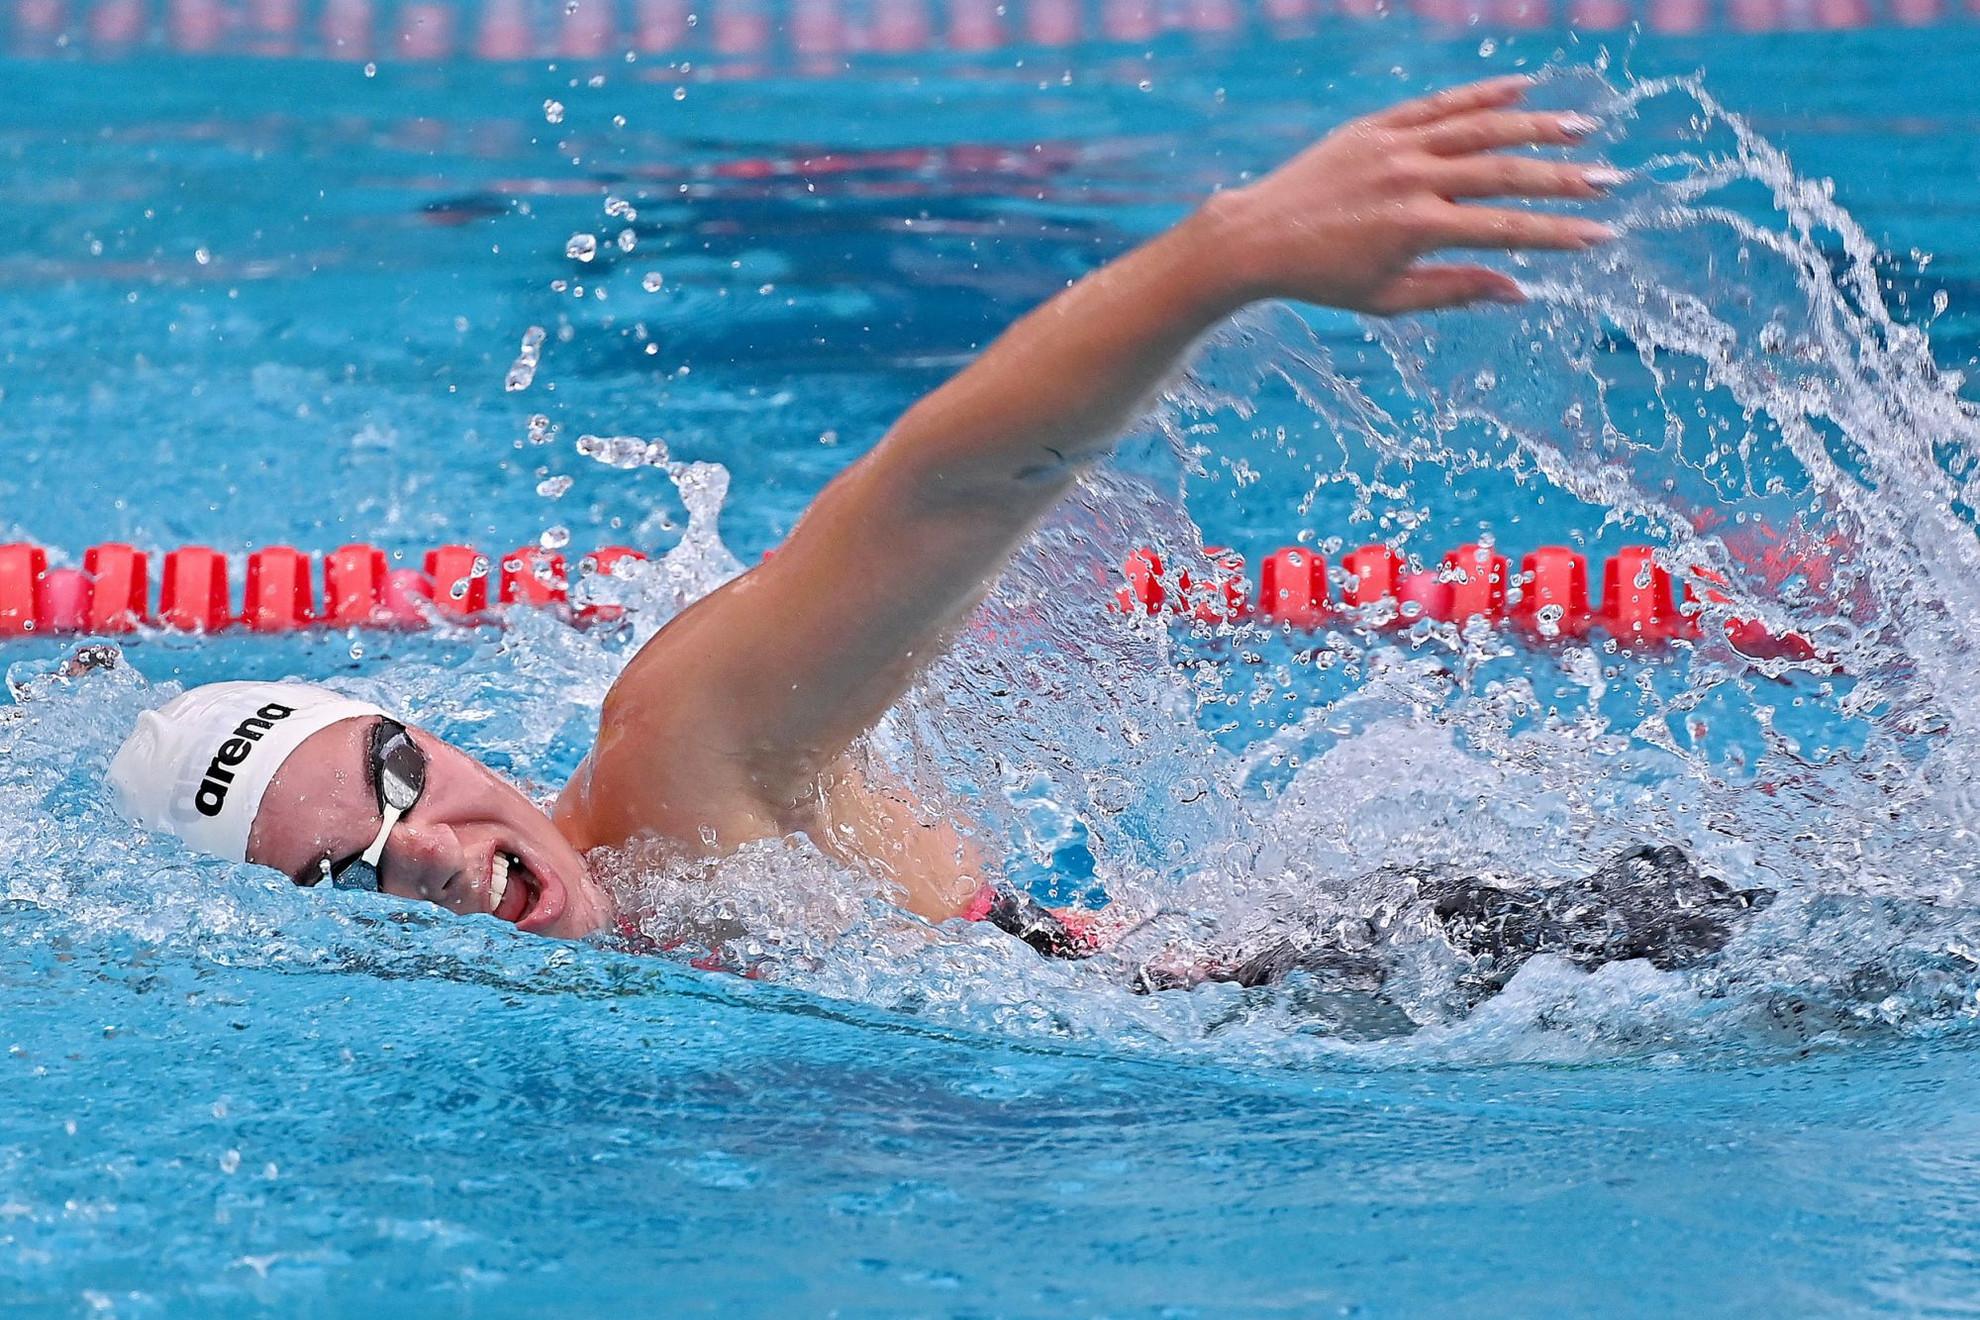 Késely Ajna magabiztosan győzött az 1500 méter gyorsúszásban a Margitszigeten